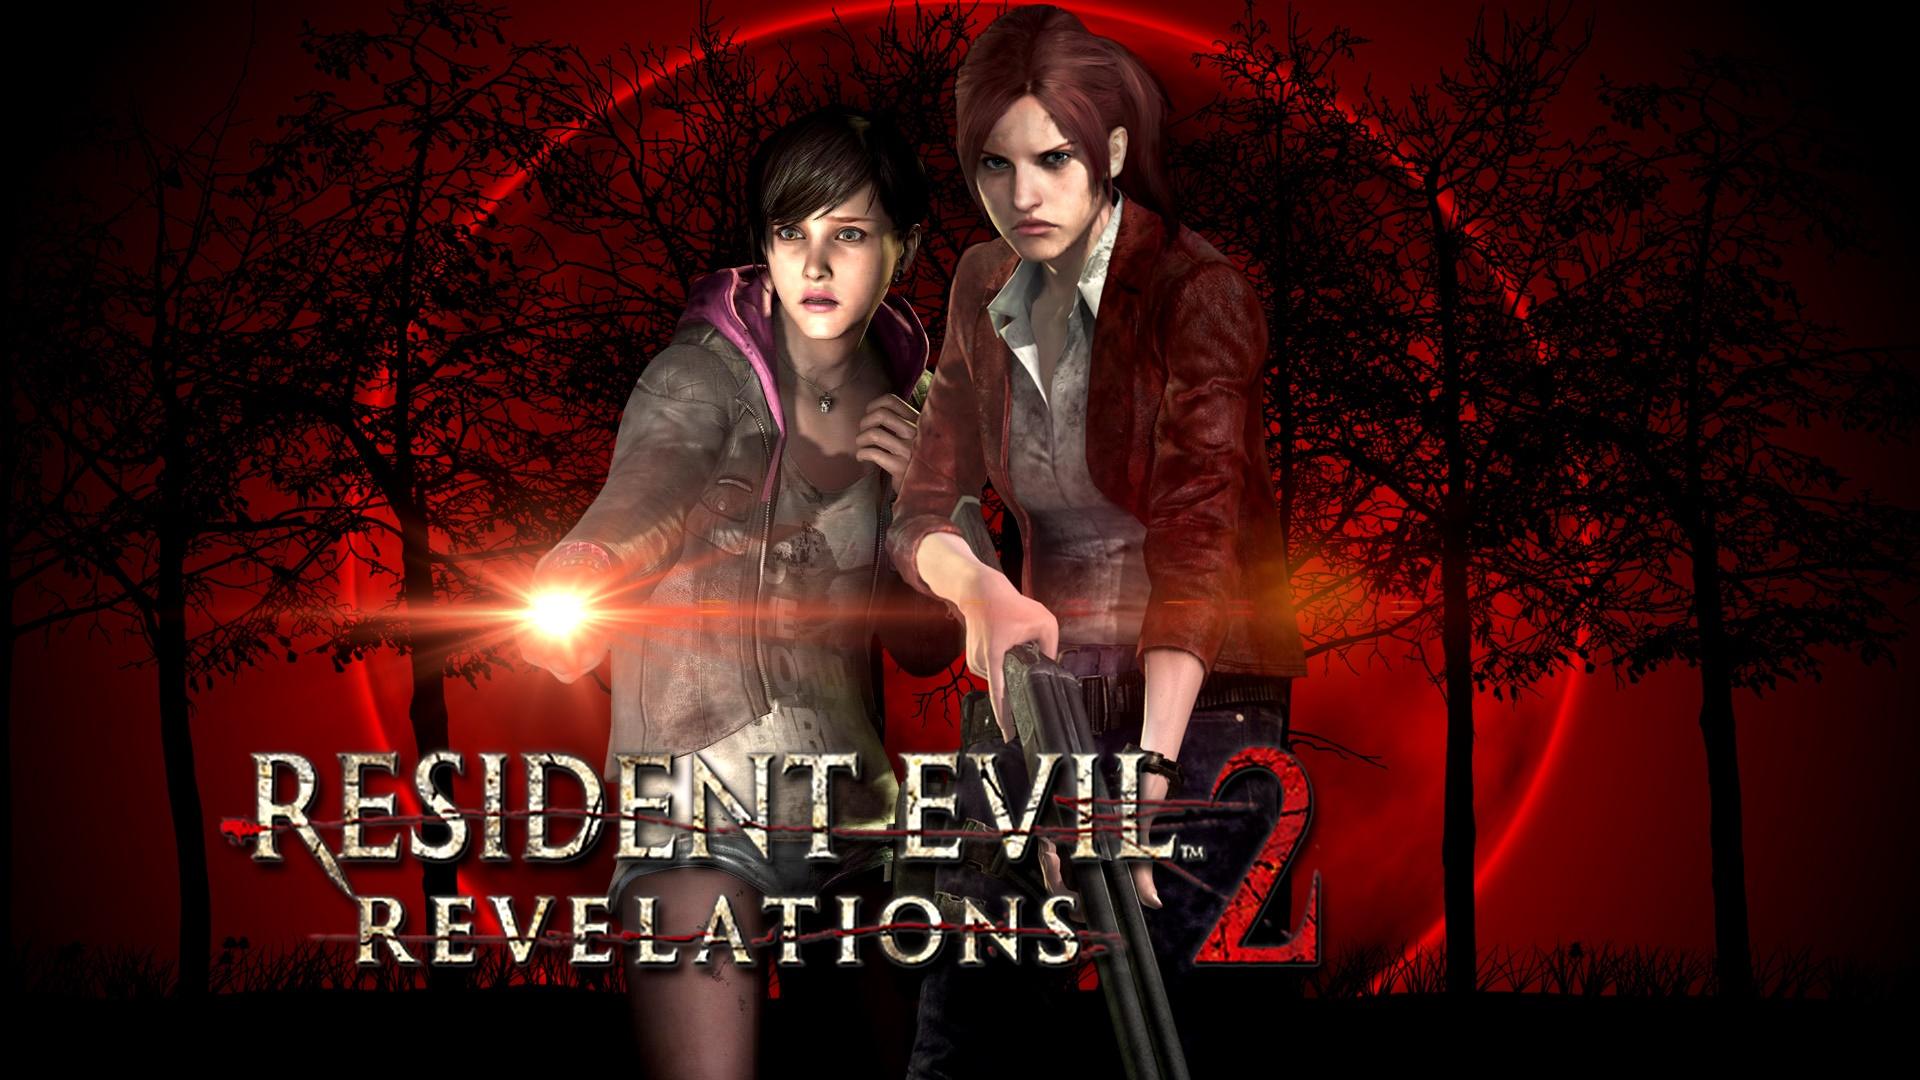 Resident Evil Revelations 2 Wallpaper 18